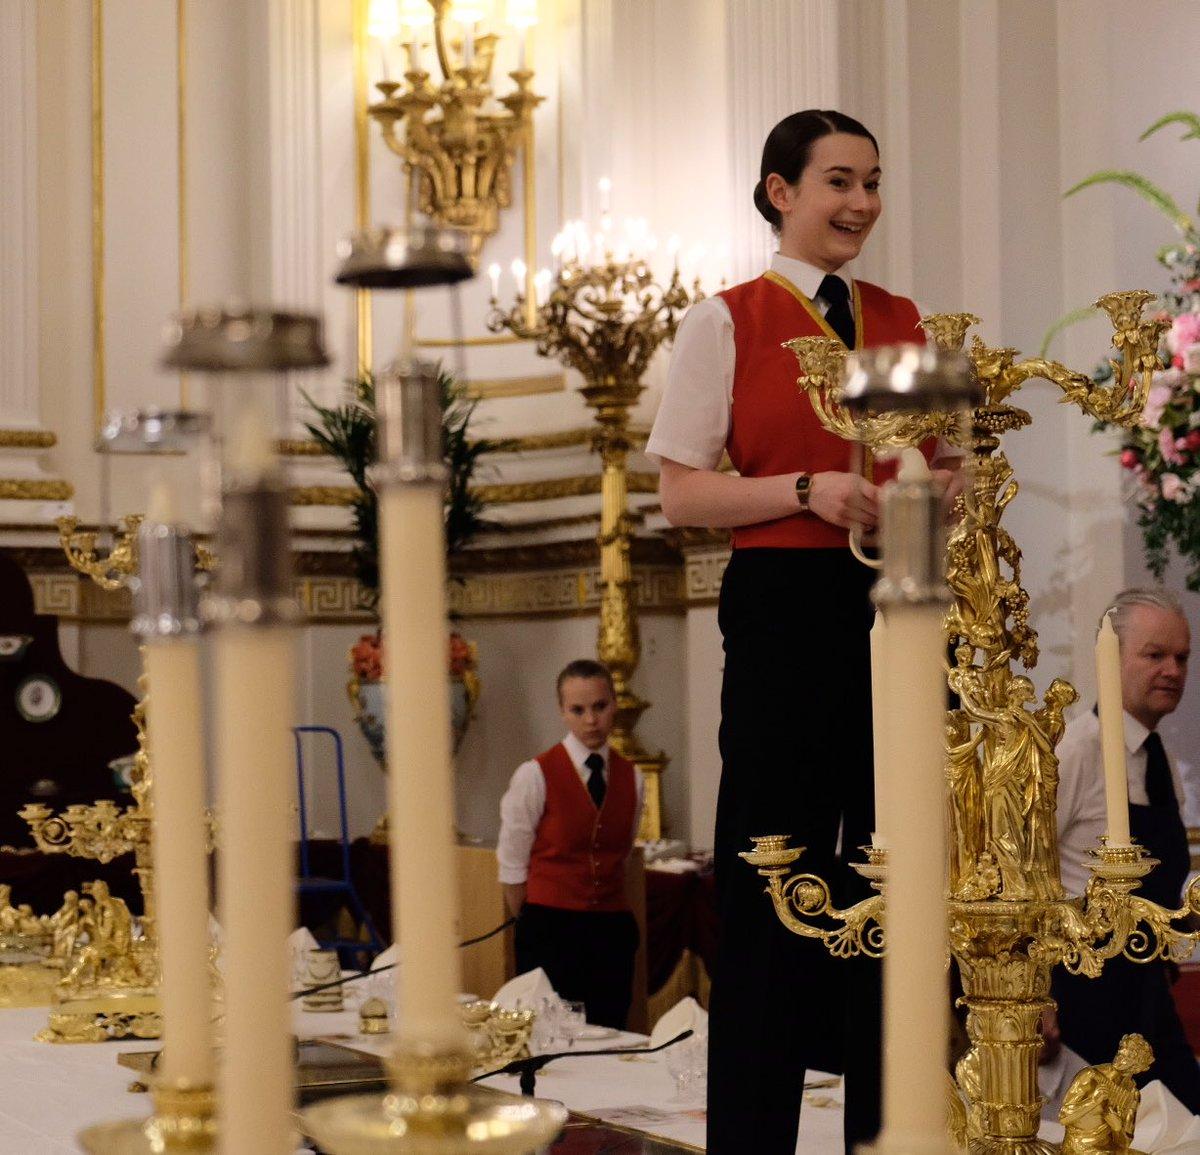 Το προσωπικό βάζει τις τελευταίες πινελιές πριν από την επιθεώρηση της βασίλισσας